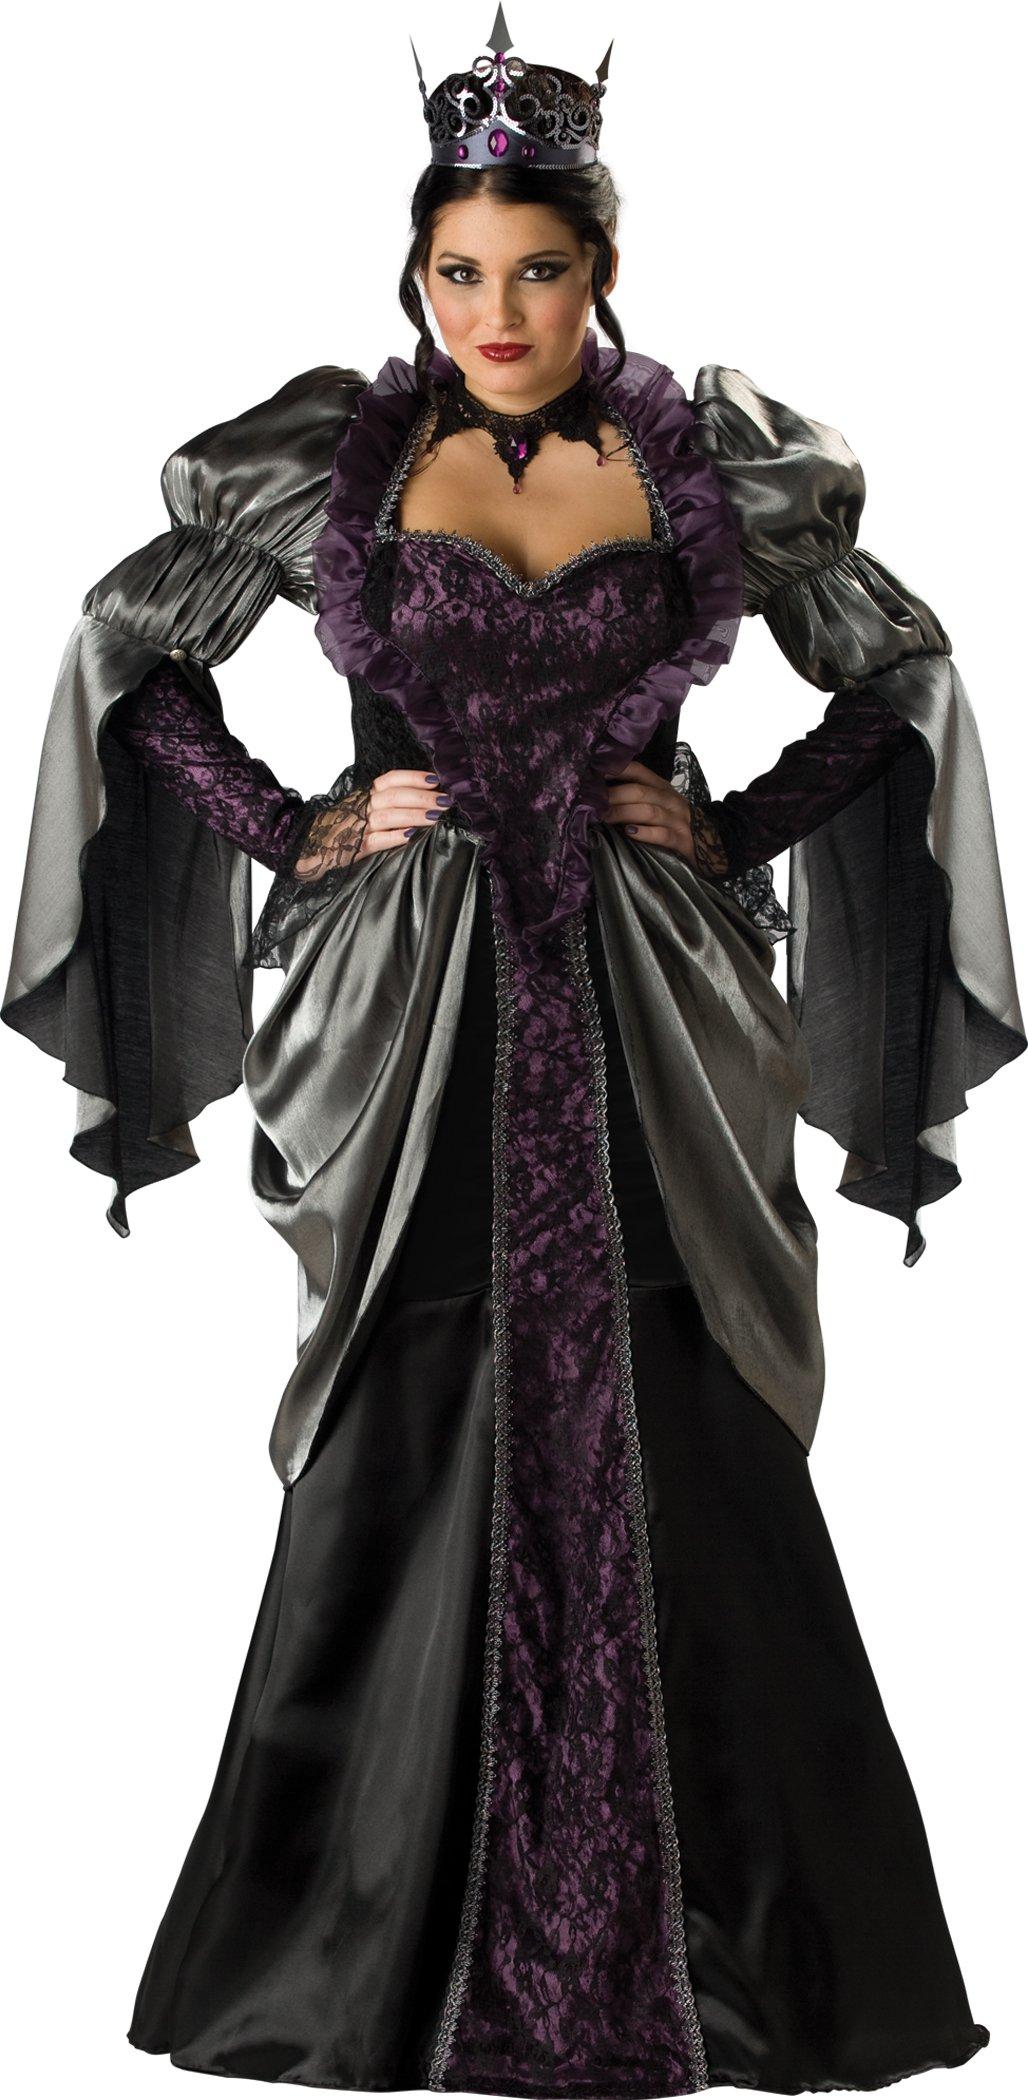 InCharacter Costumes Women'sPlus Size Wicked Queen Costume, Black, XXX-Large